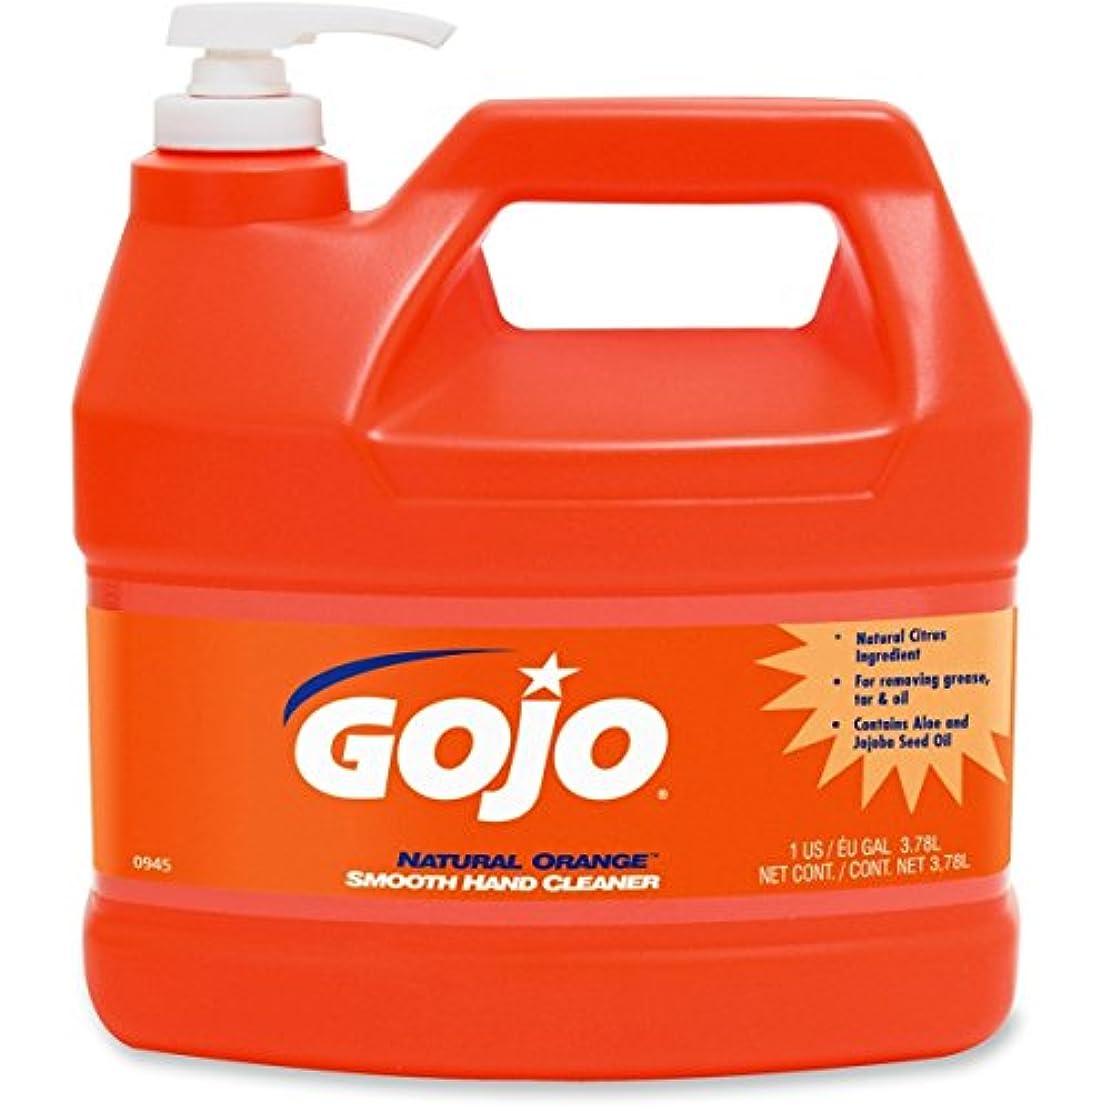 ずんぐりしたドメイン筋肉のgoj094504 – GOJOナチュラルオレンジSmooth heavy-duty Hand Cleaner